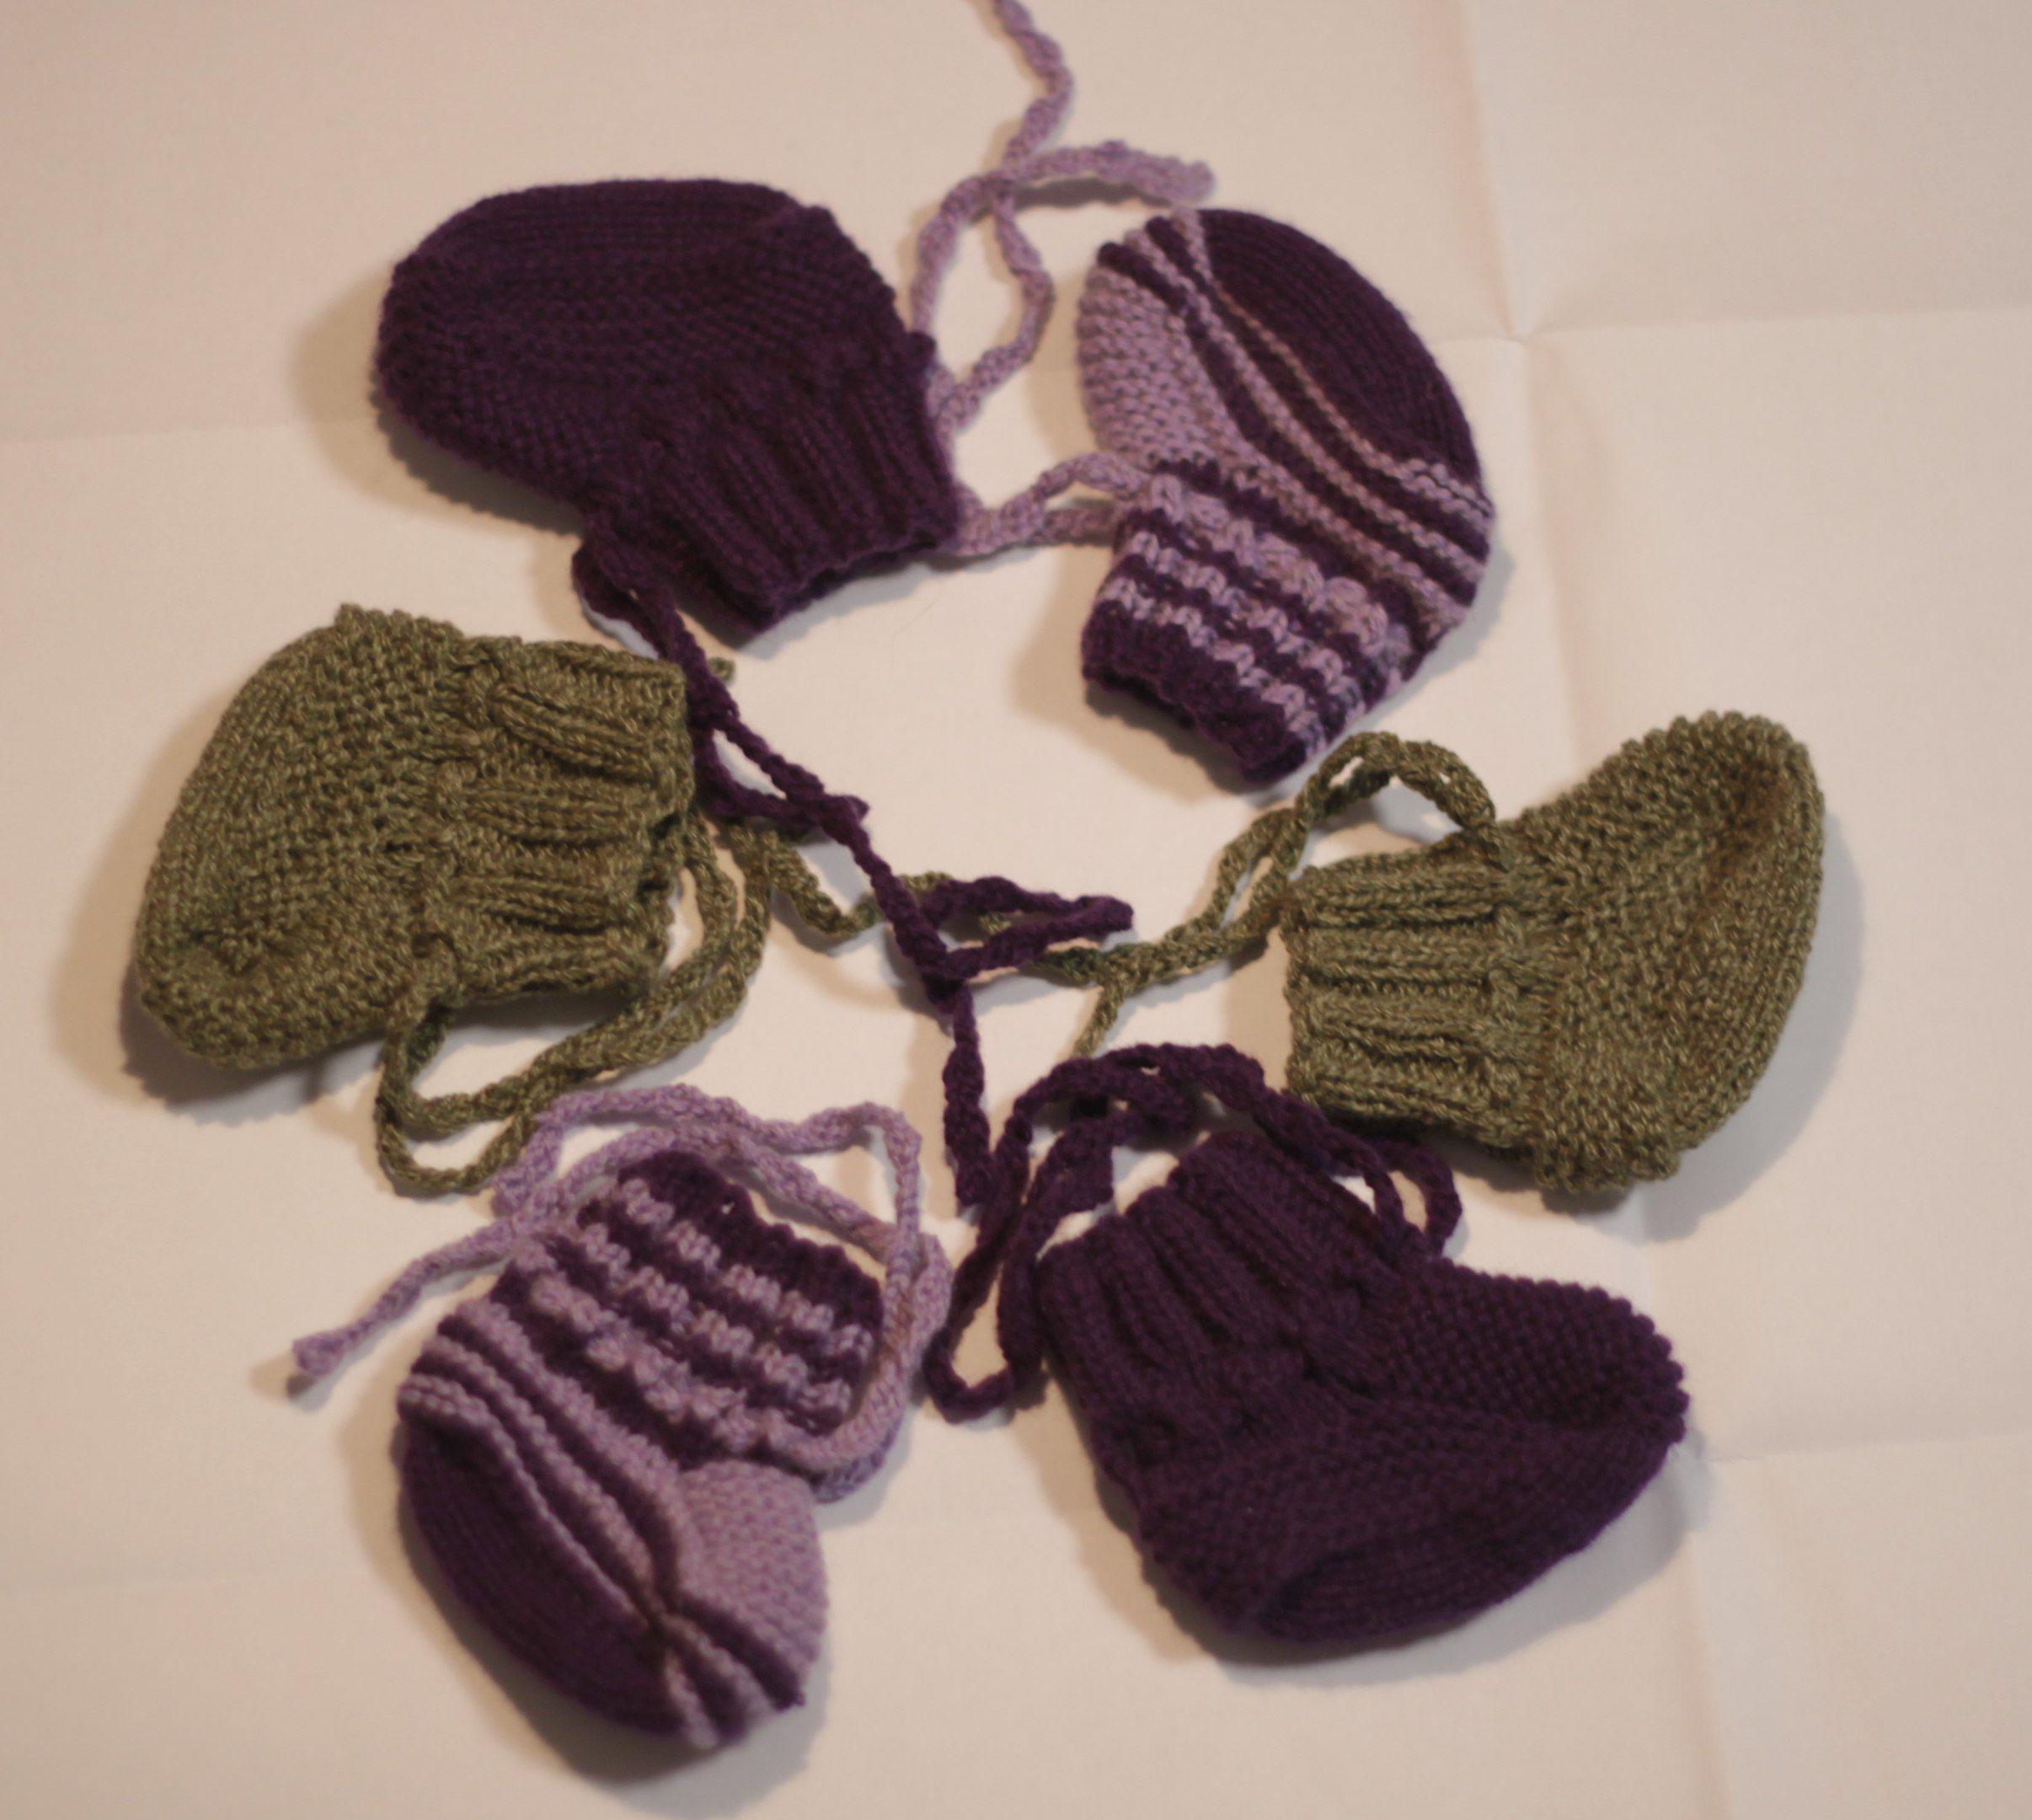 вязание пинетки спицами ручное